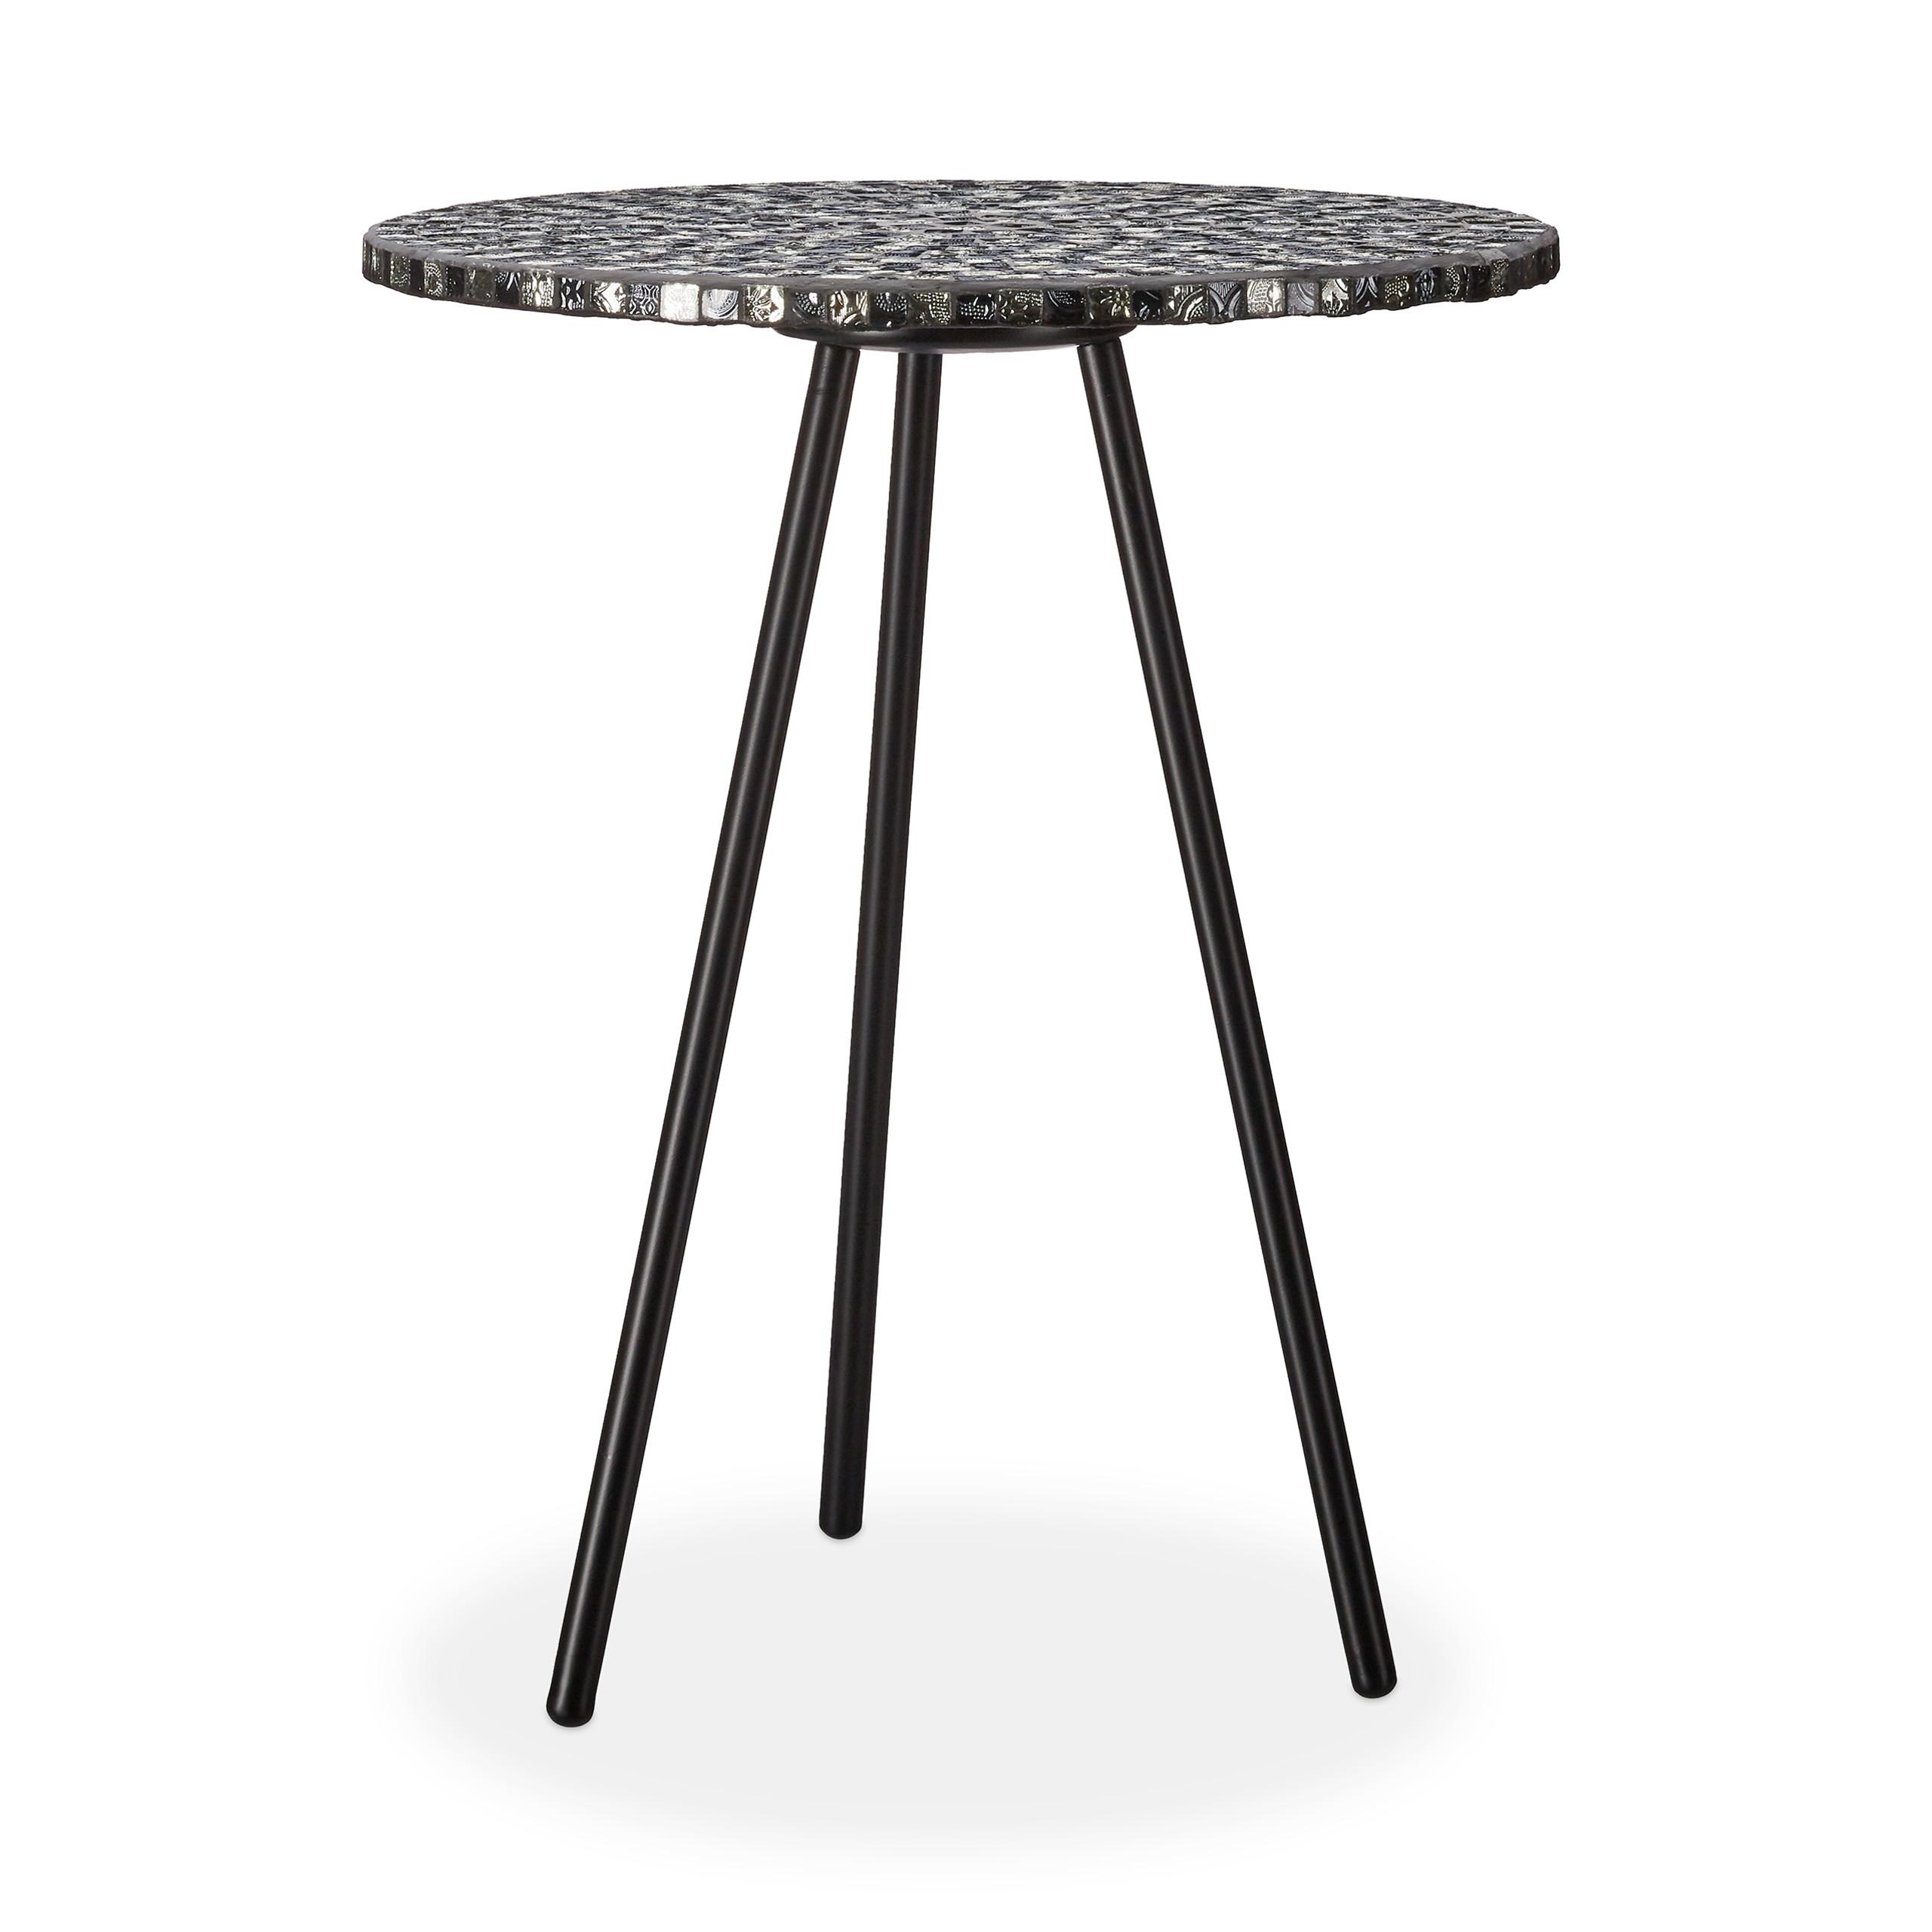 Détails sur Table ronde mosaïque, table d'appoint, décorative, table de  jardin, fait main